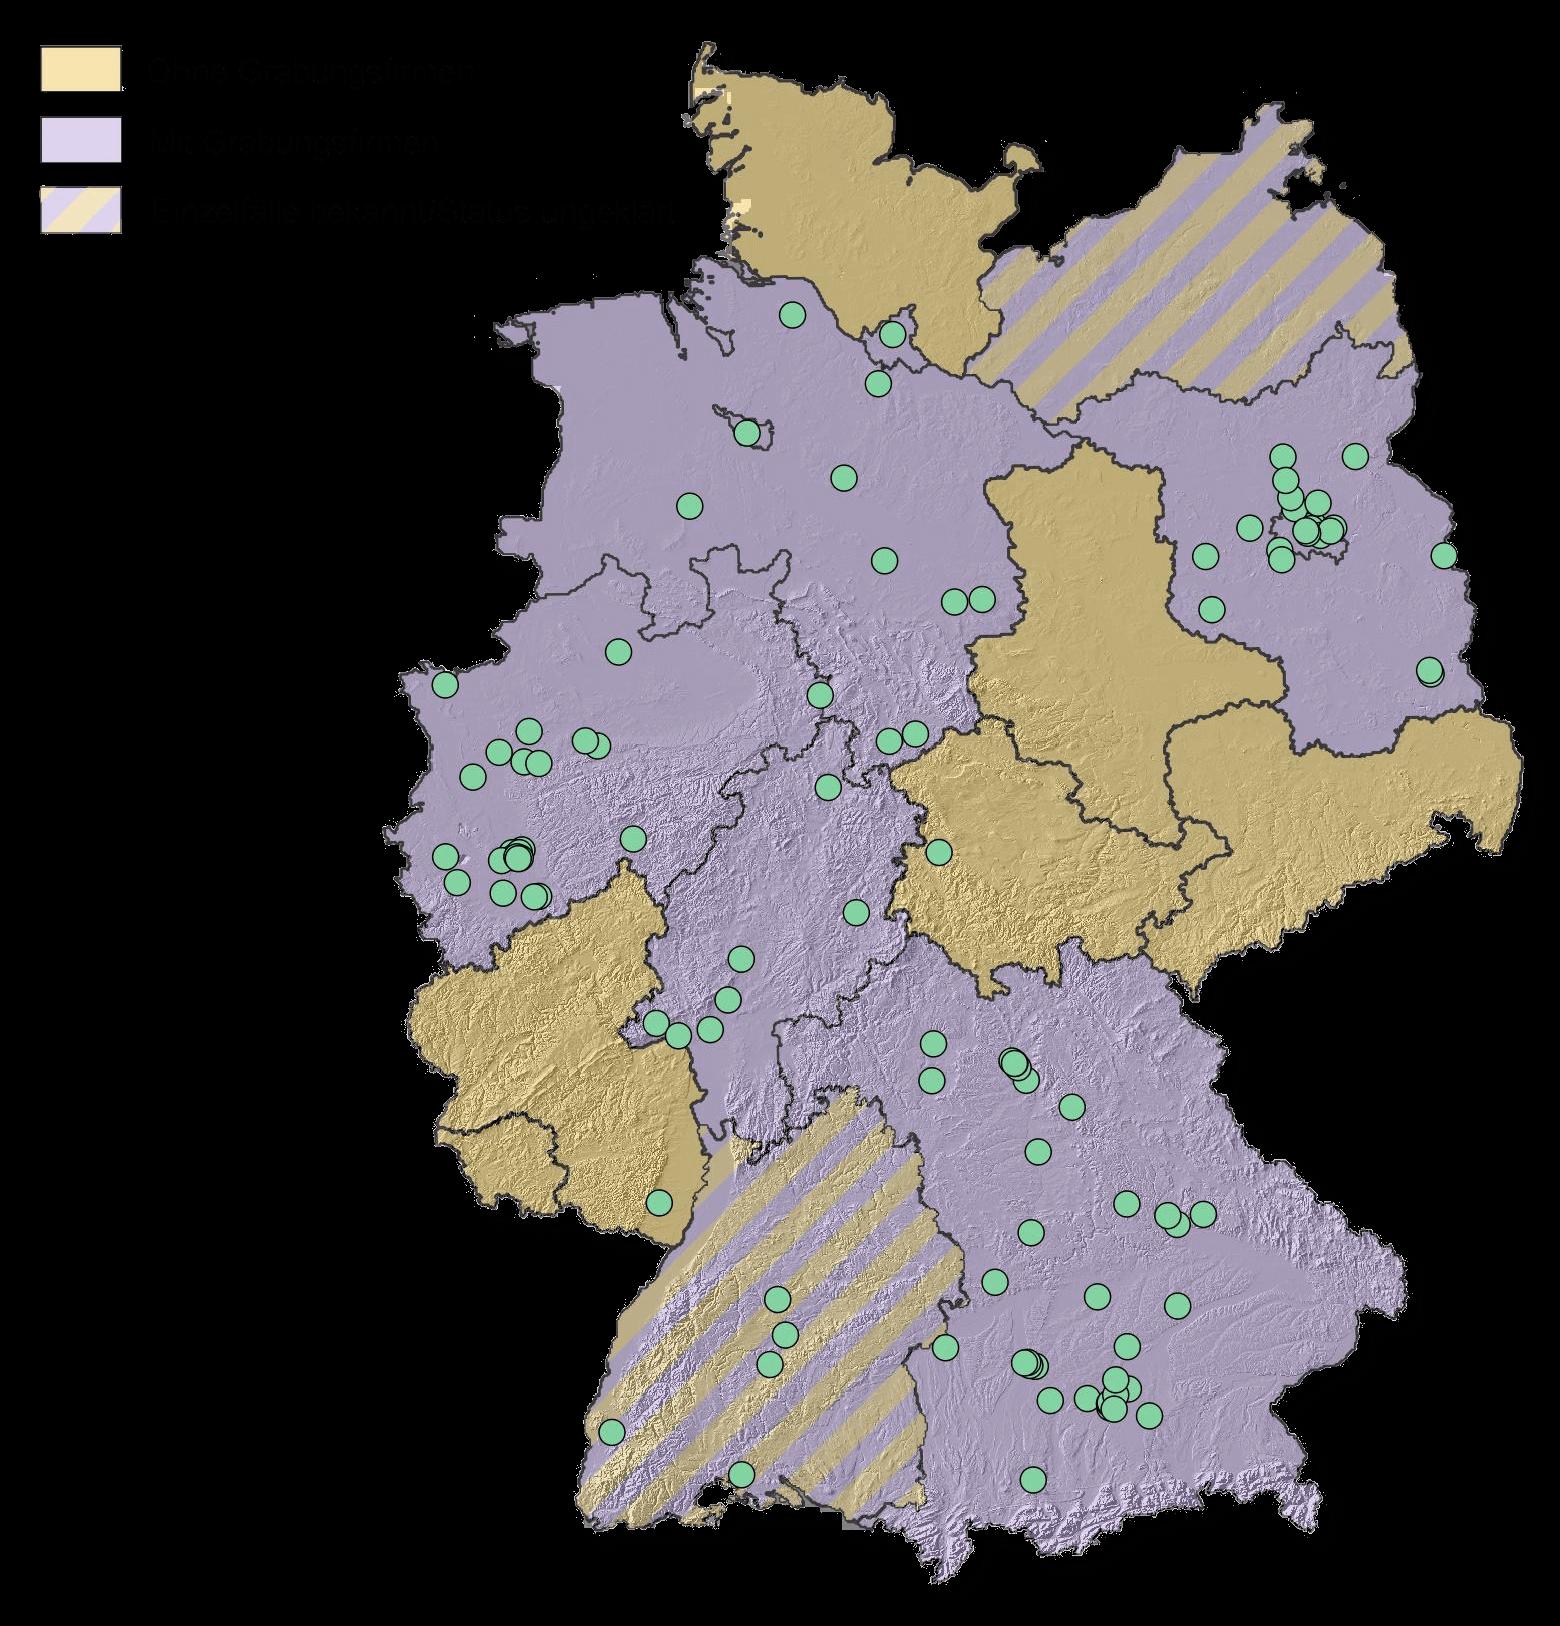 Grabungsfirmen in Deutschland